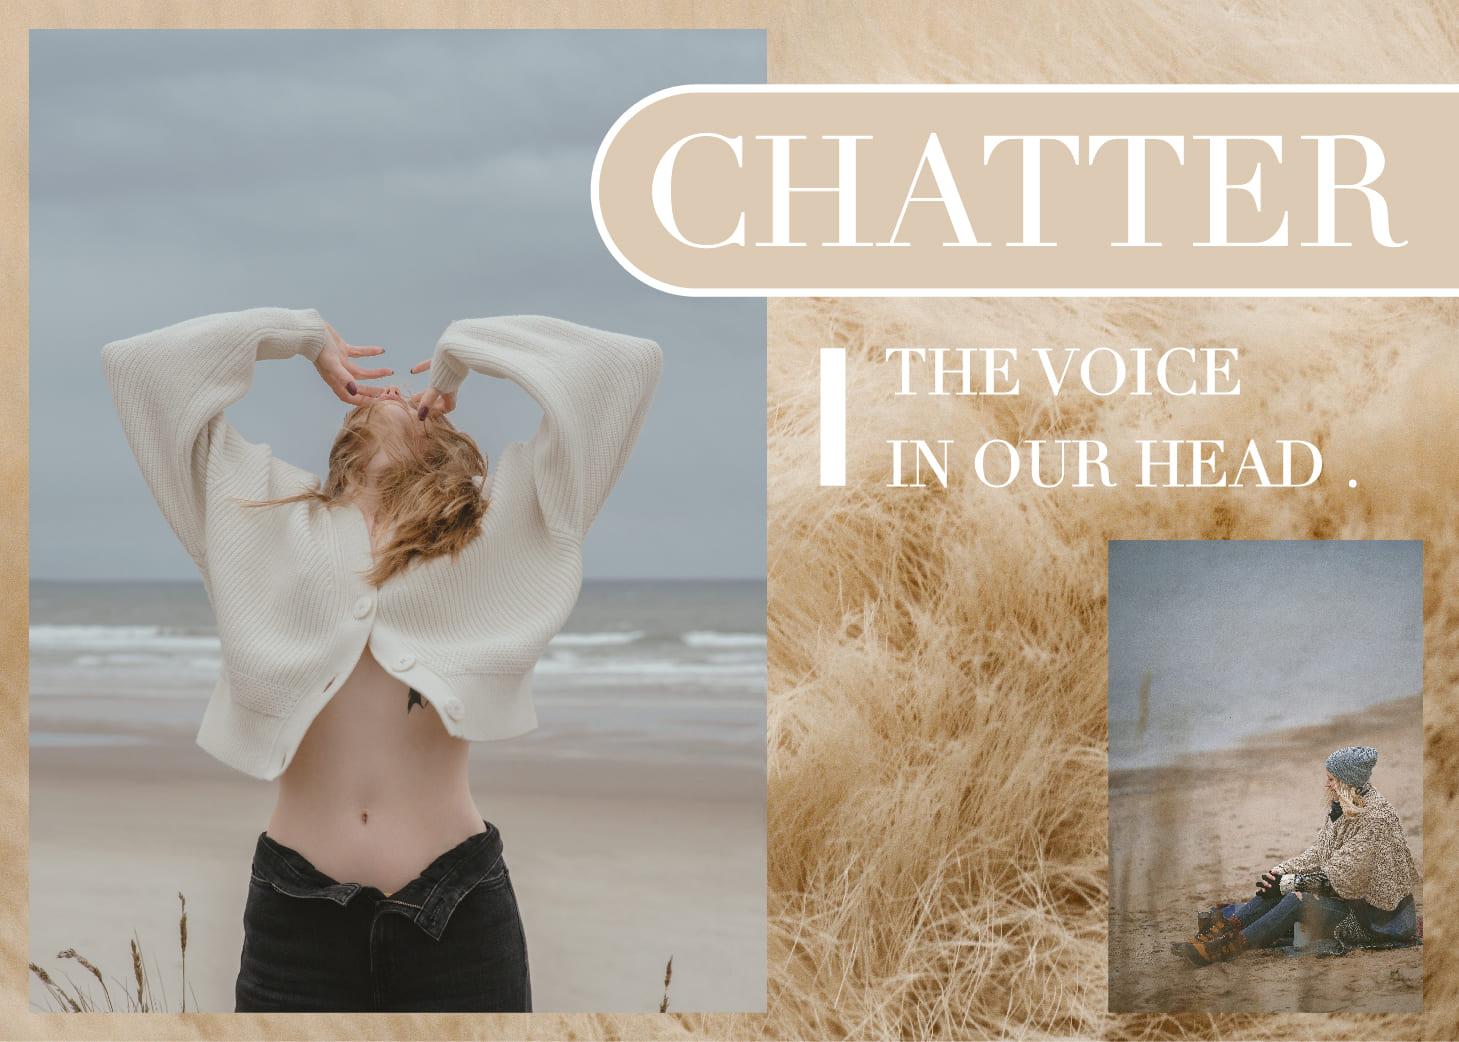 強大內心的自我對話:「腦海太多負面情緒⋯⋯沒關係,聽它說」療癒五部曲 CHATTER / The Voice in Our Head